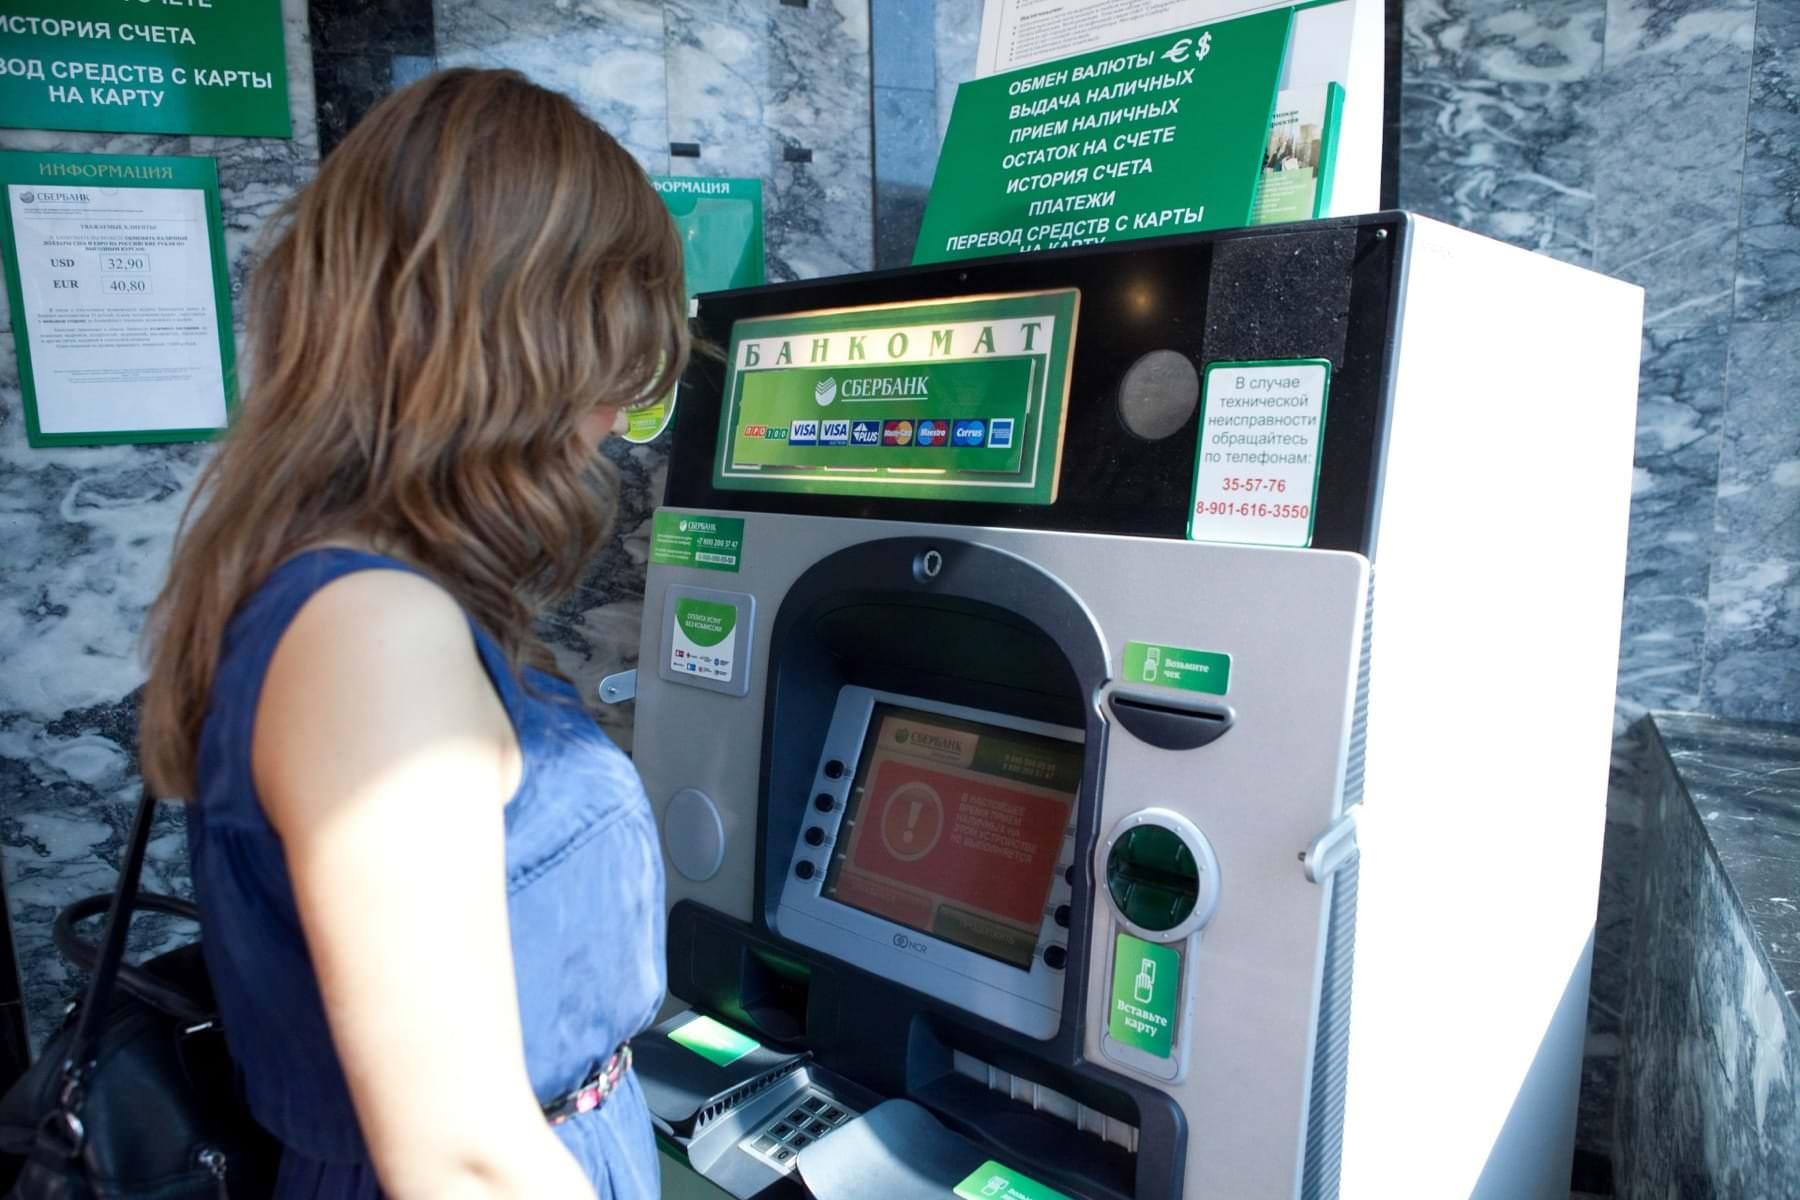 Сбербанк с 26 февраля изменил правила использования банкоматов